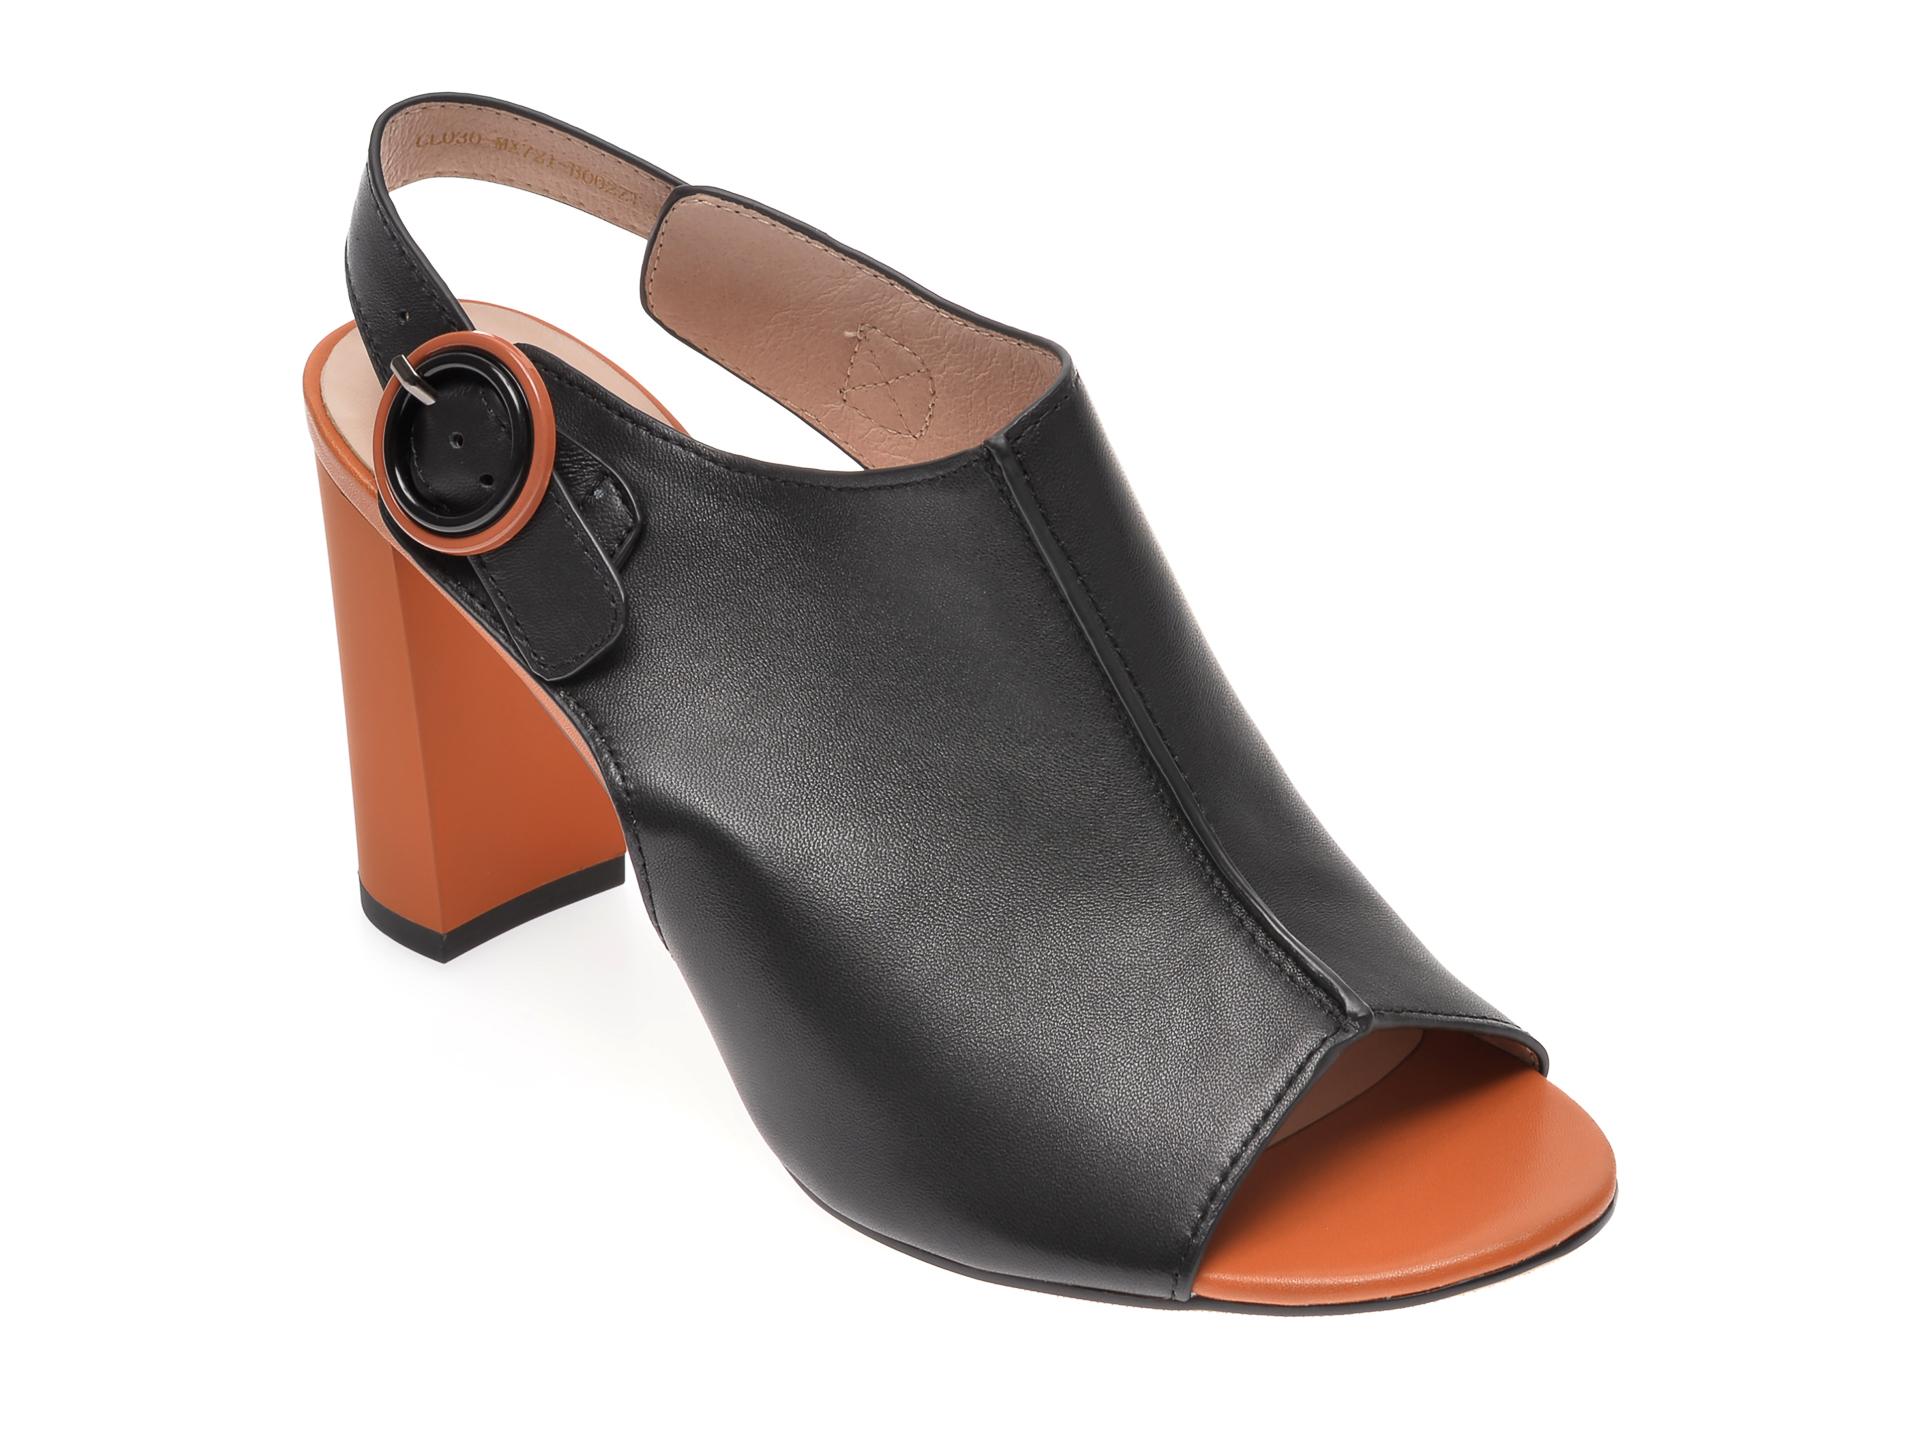 Sandale EPICA negre, CL030MX, din piele naturala